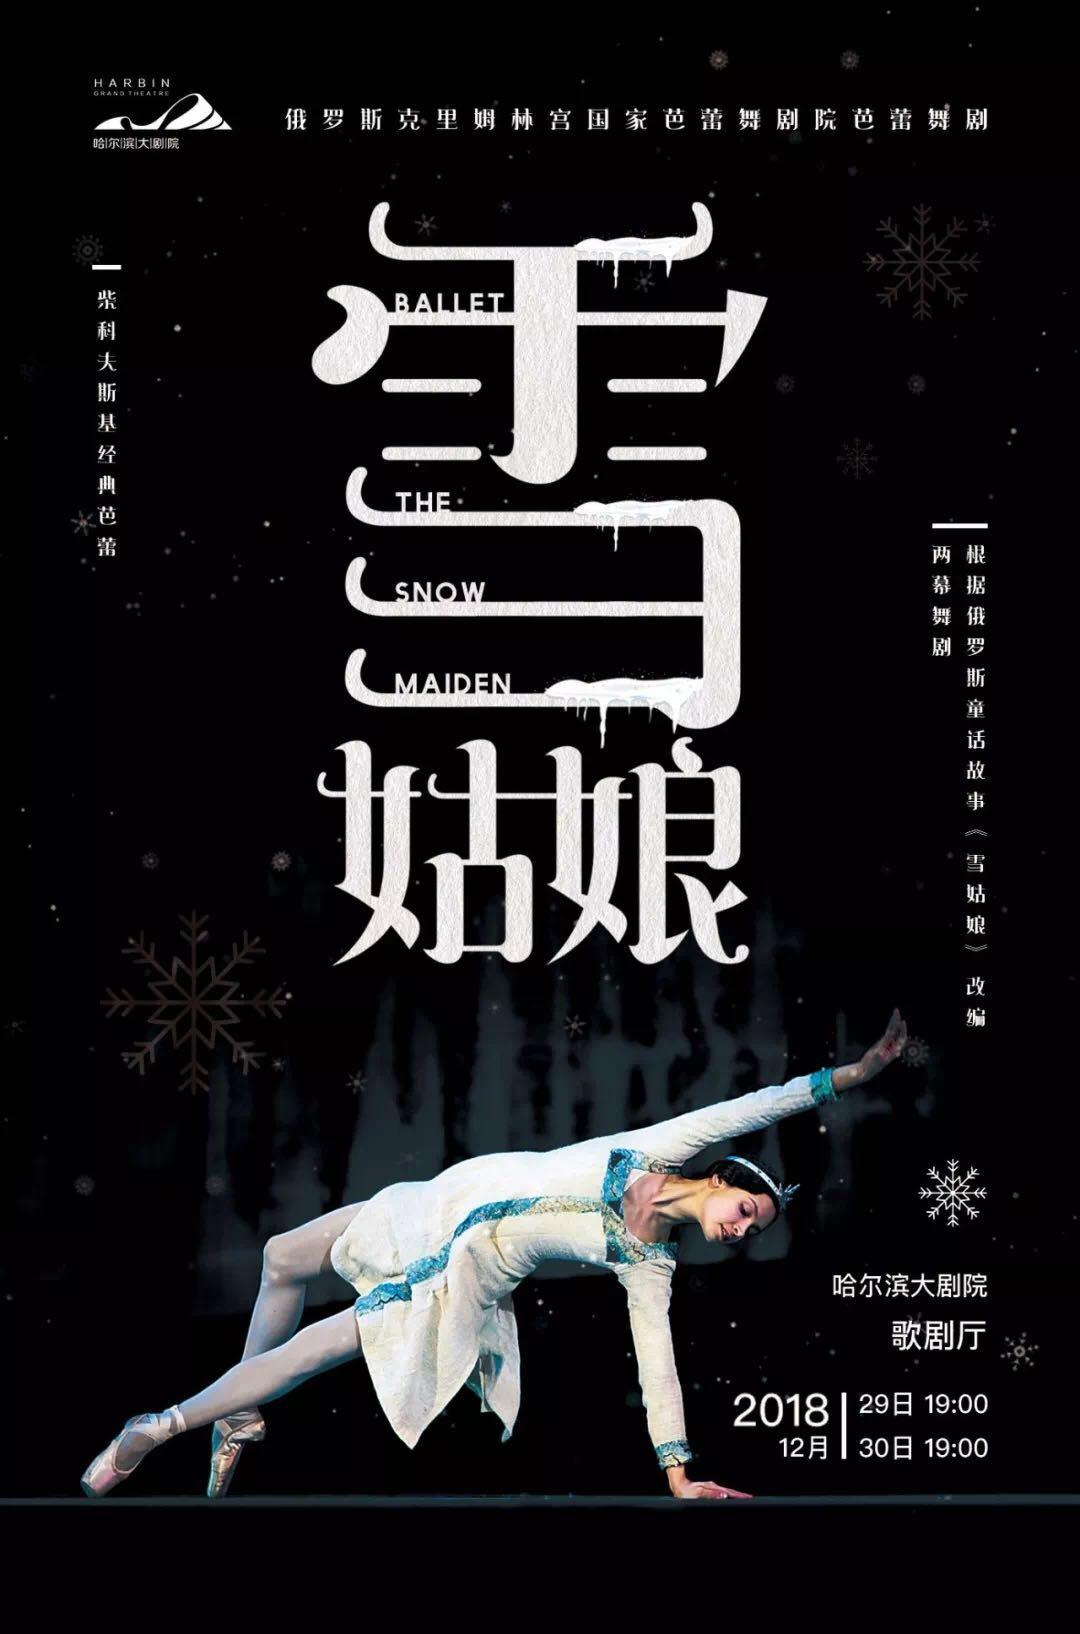 俄罗斯克里姆林宫国家芭蕾舞剧院芭蕾舞剧《雪姑娘》哈尔滨站